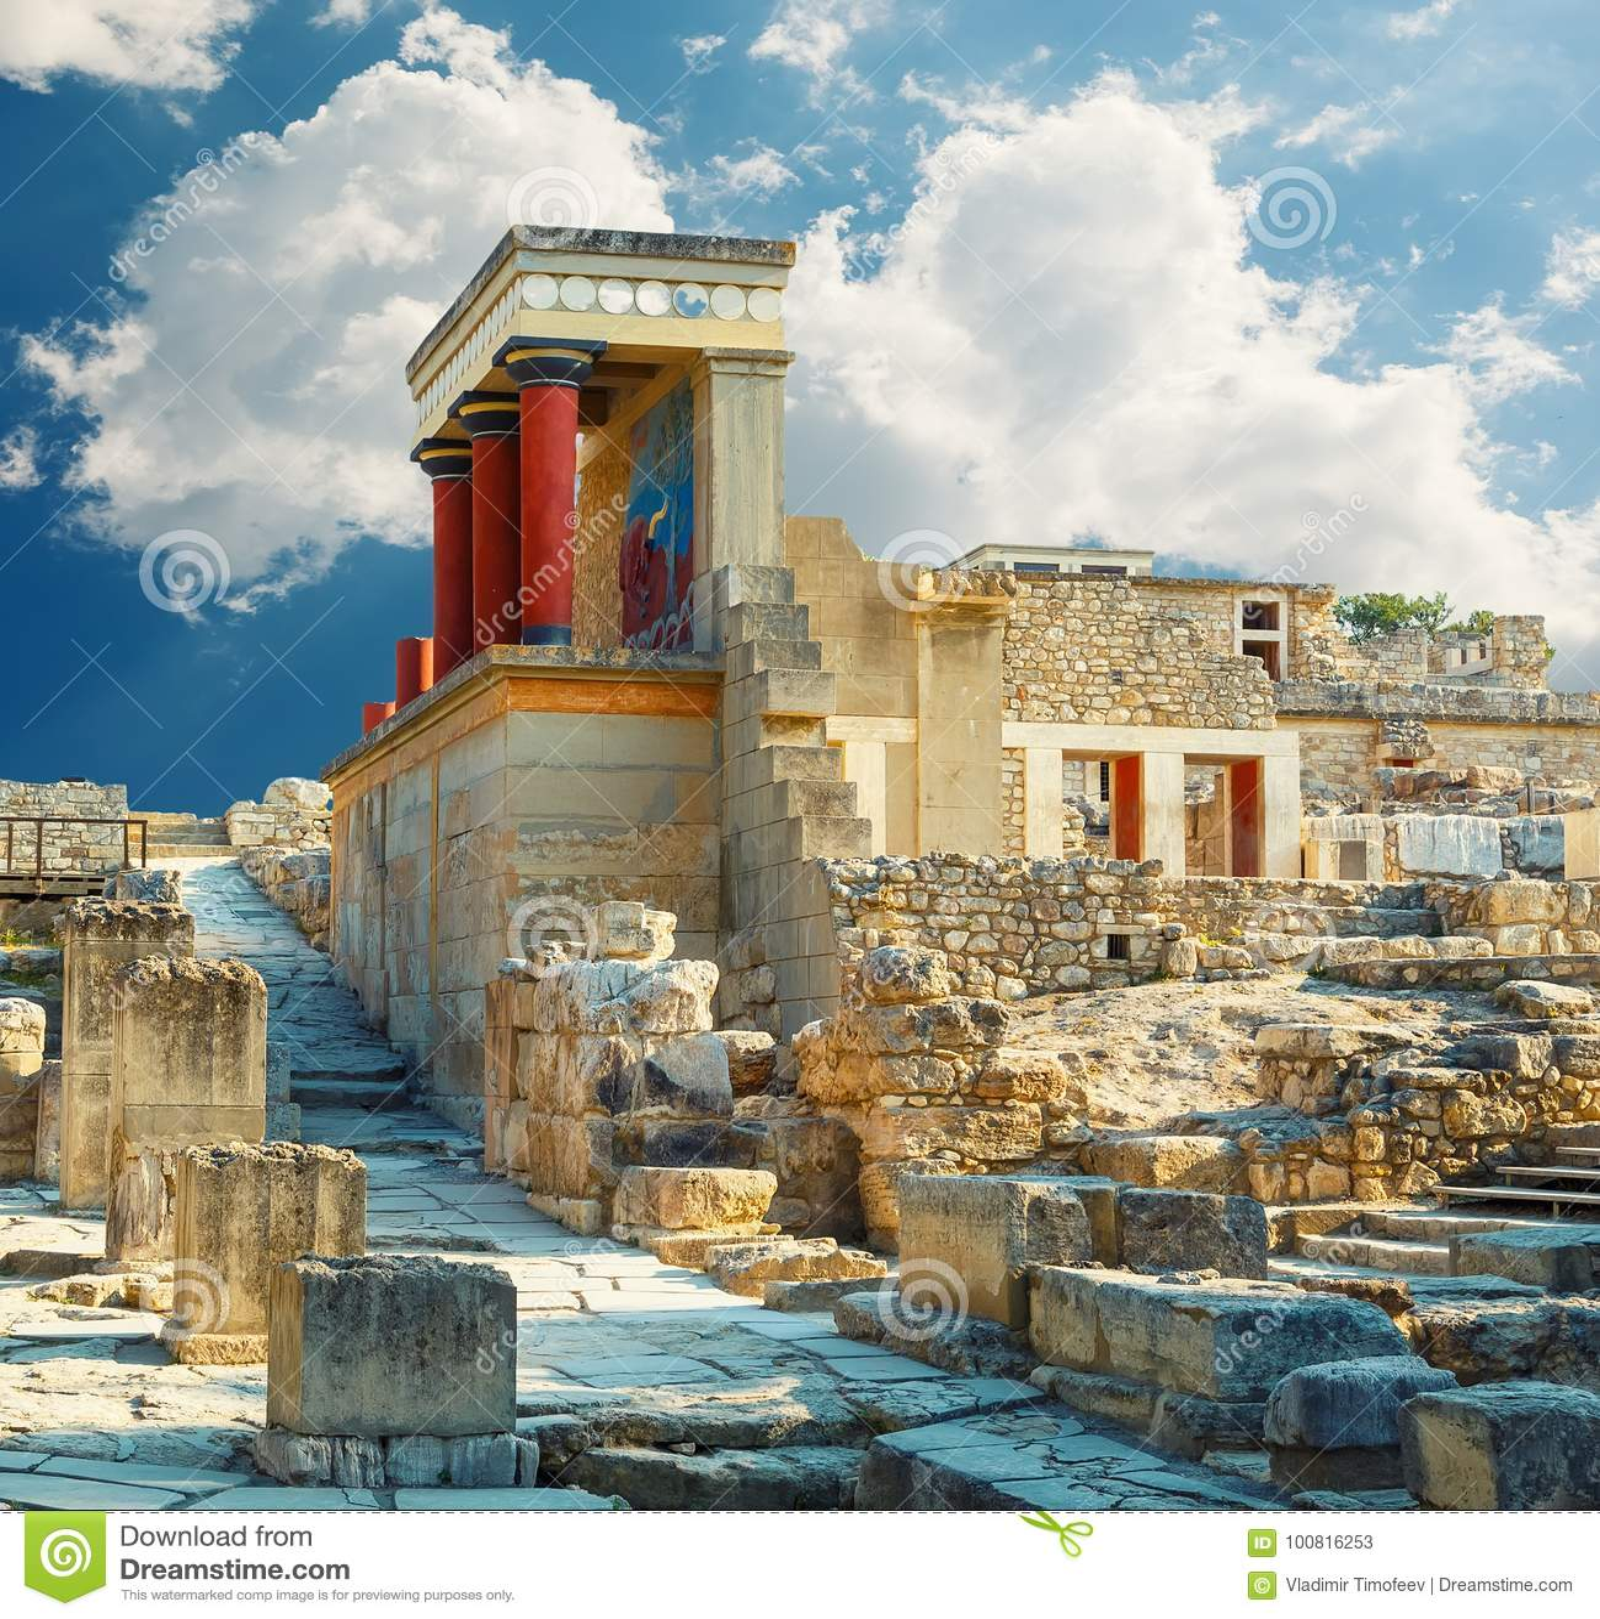 Дворец Knossos на Крите Руины дворца Knossos Крит Греция heraklion Деталь старых руин известного дворца Minoan